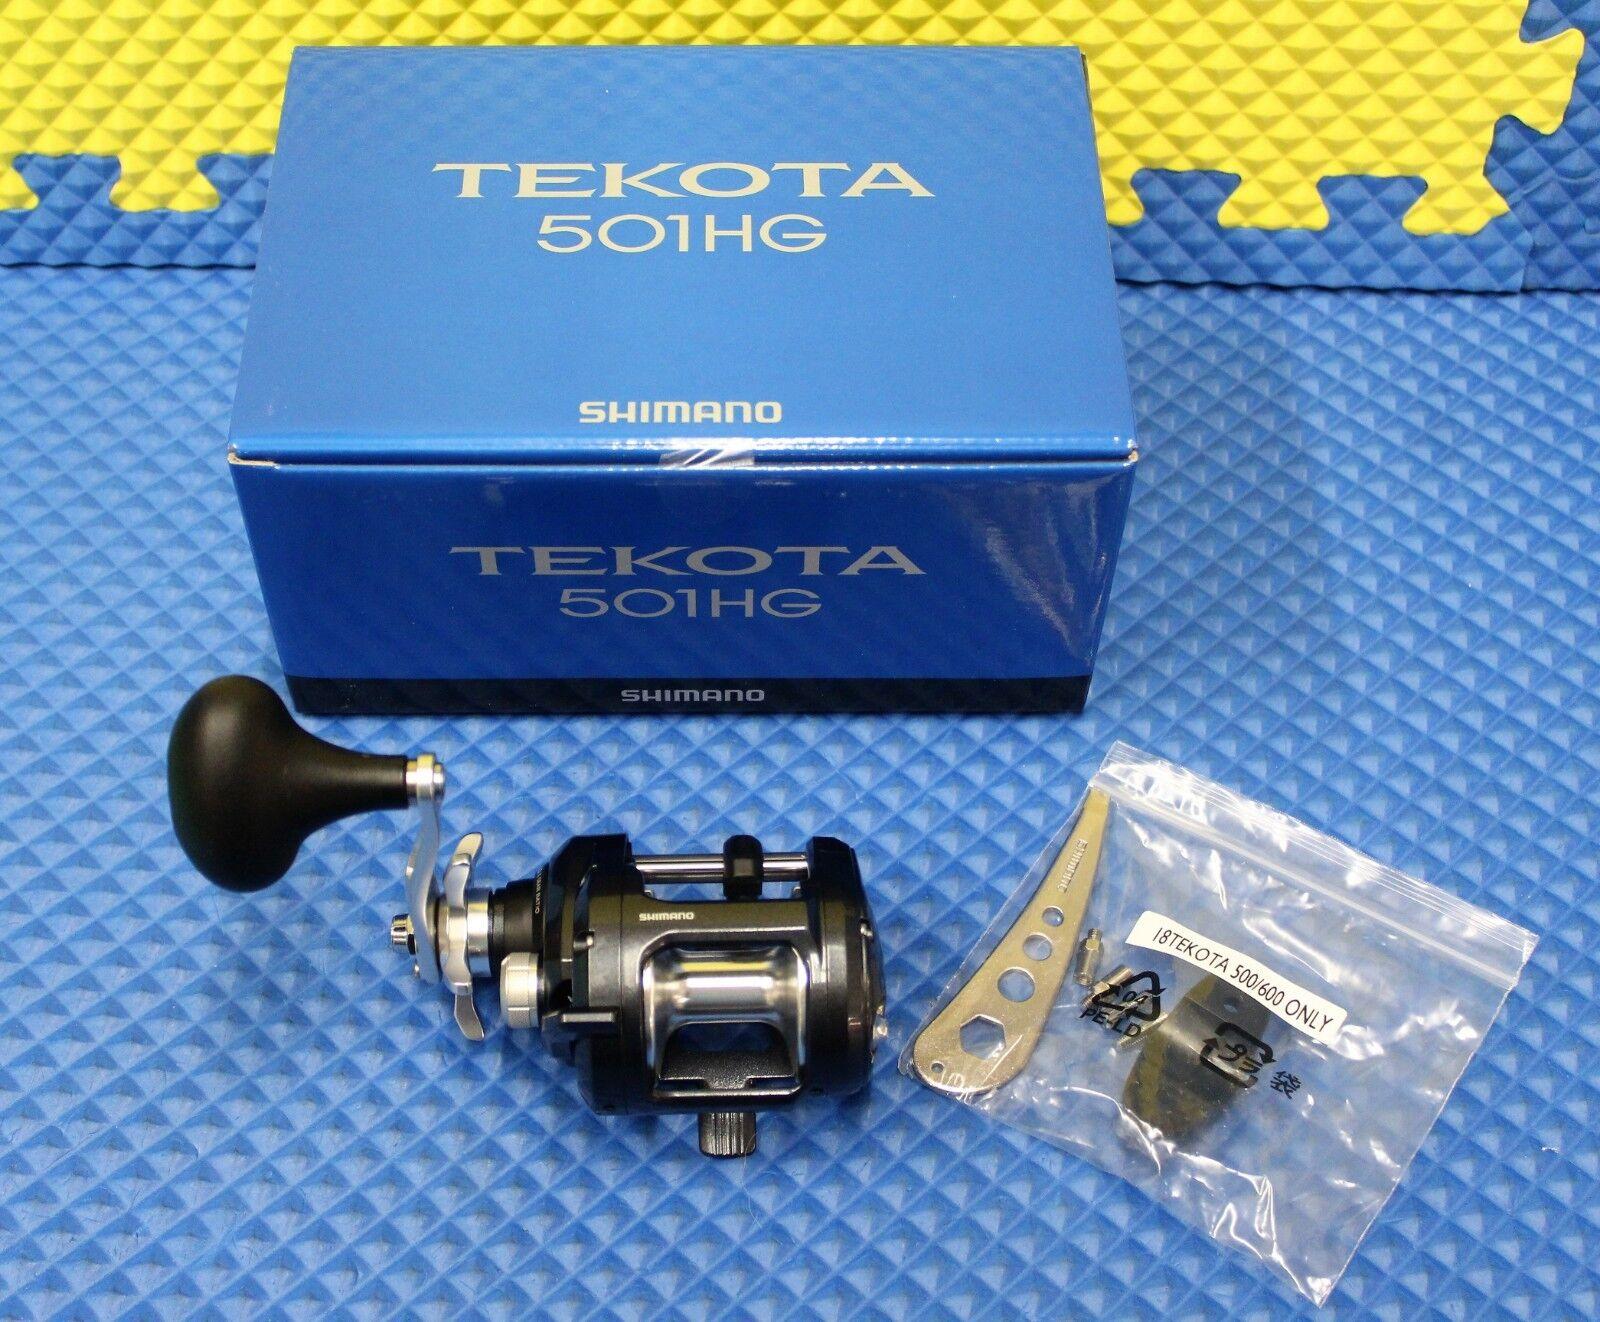 Shimano Tekota Left Handed Levelwind Trolling Reel NEW FOR 2019   TEK501HGA  authentic